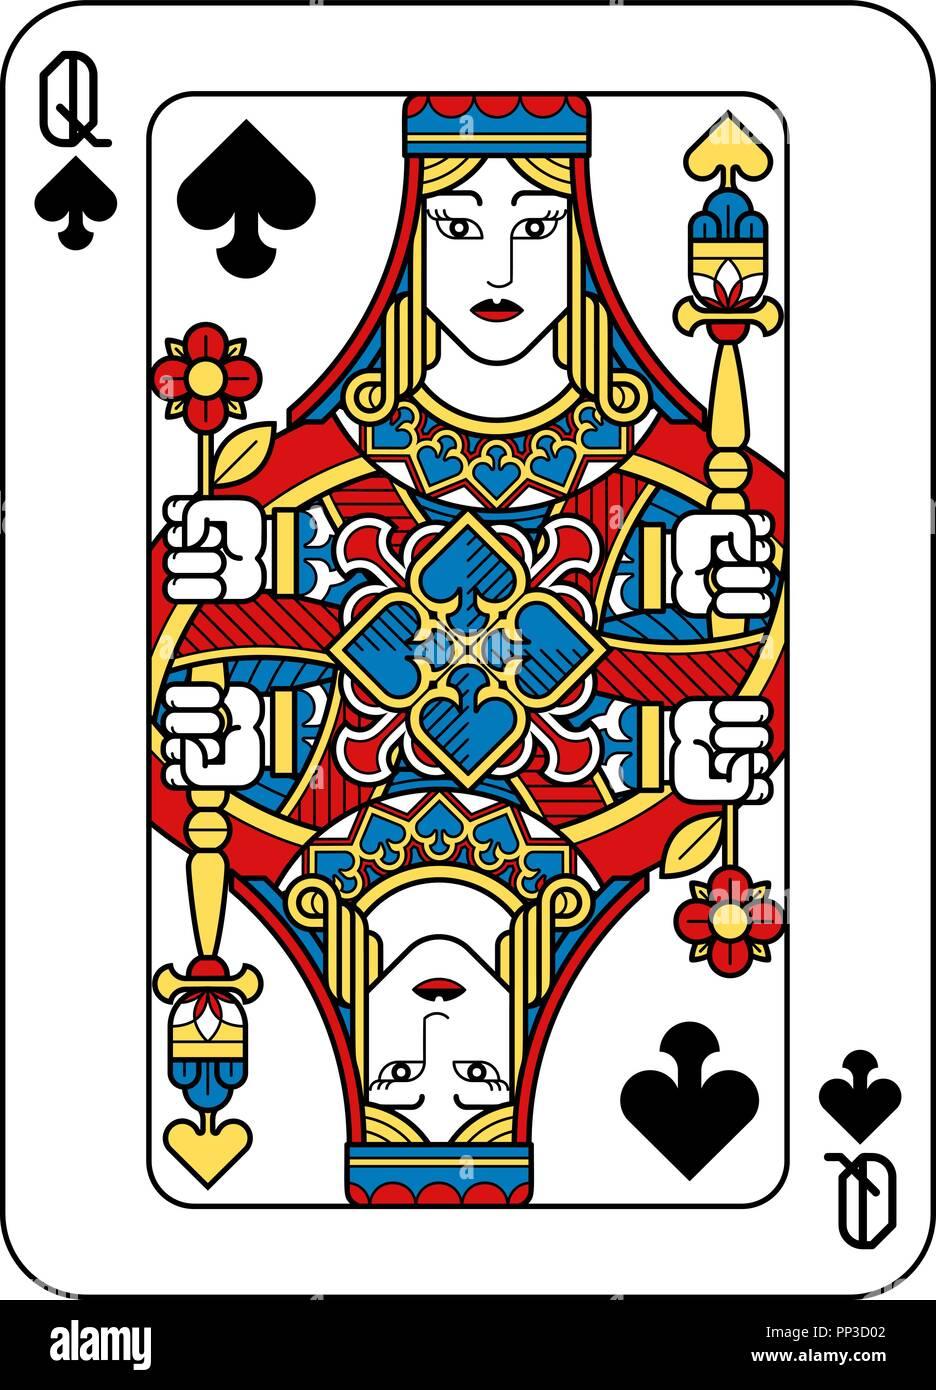 jeu de carte dame de pique Jeu de cartes Dame de Pique Jaune Rouge Bleu Noir Vecteurs Et